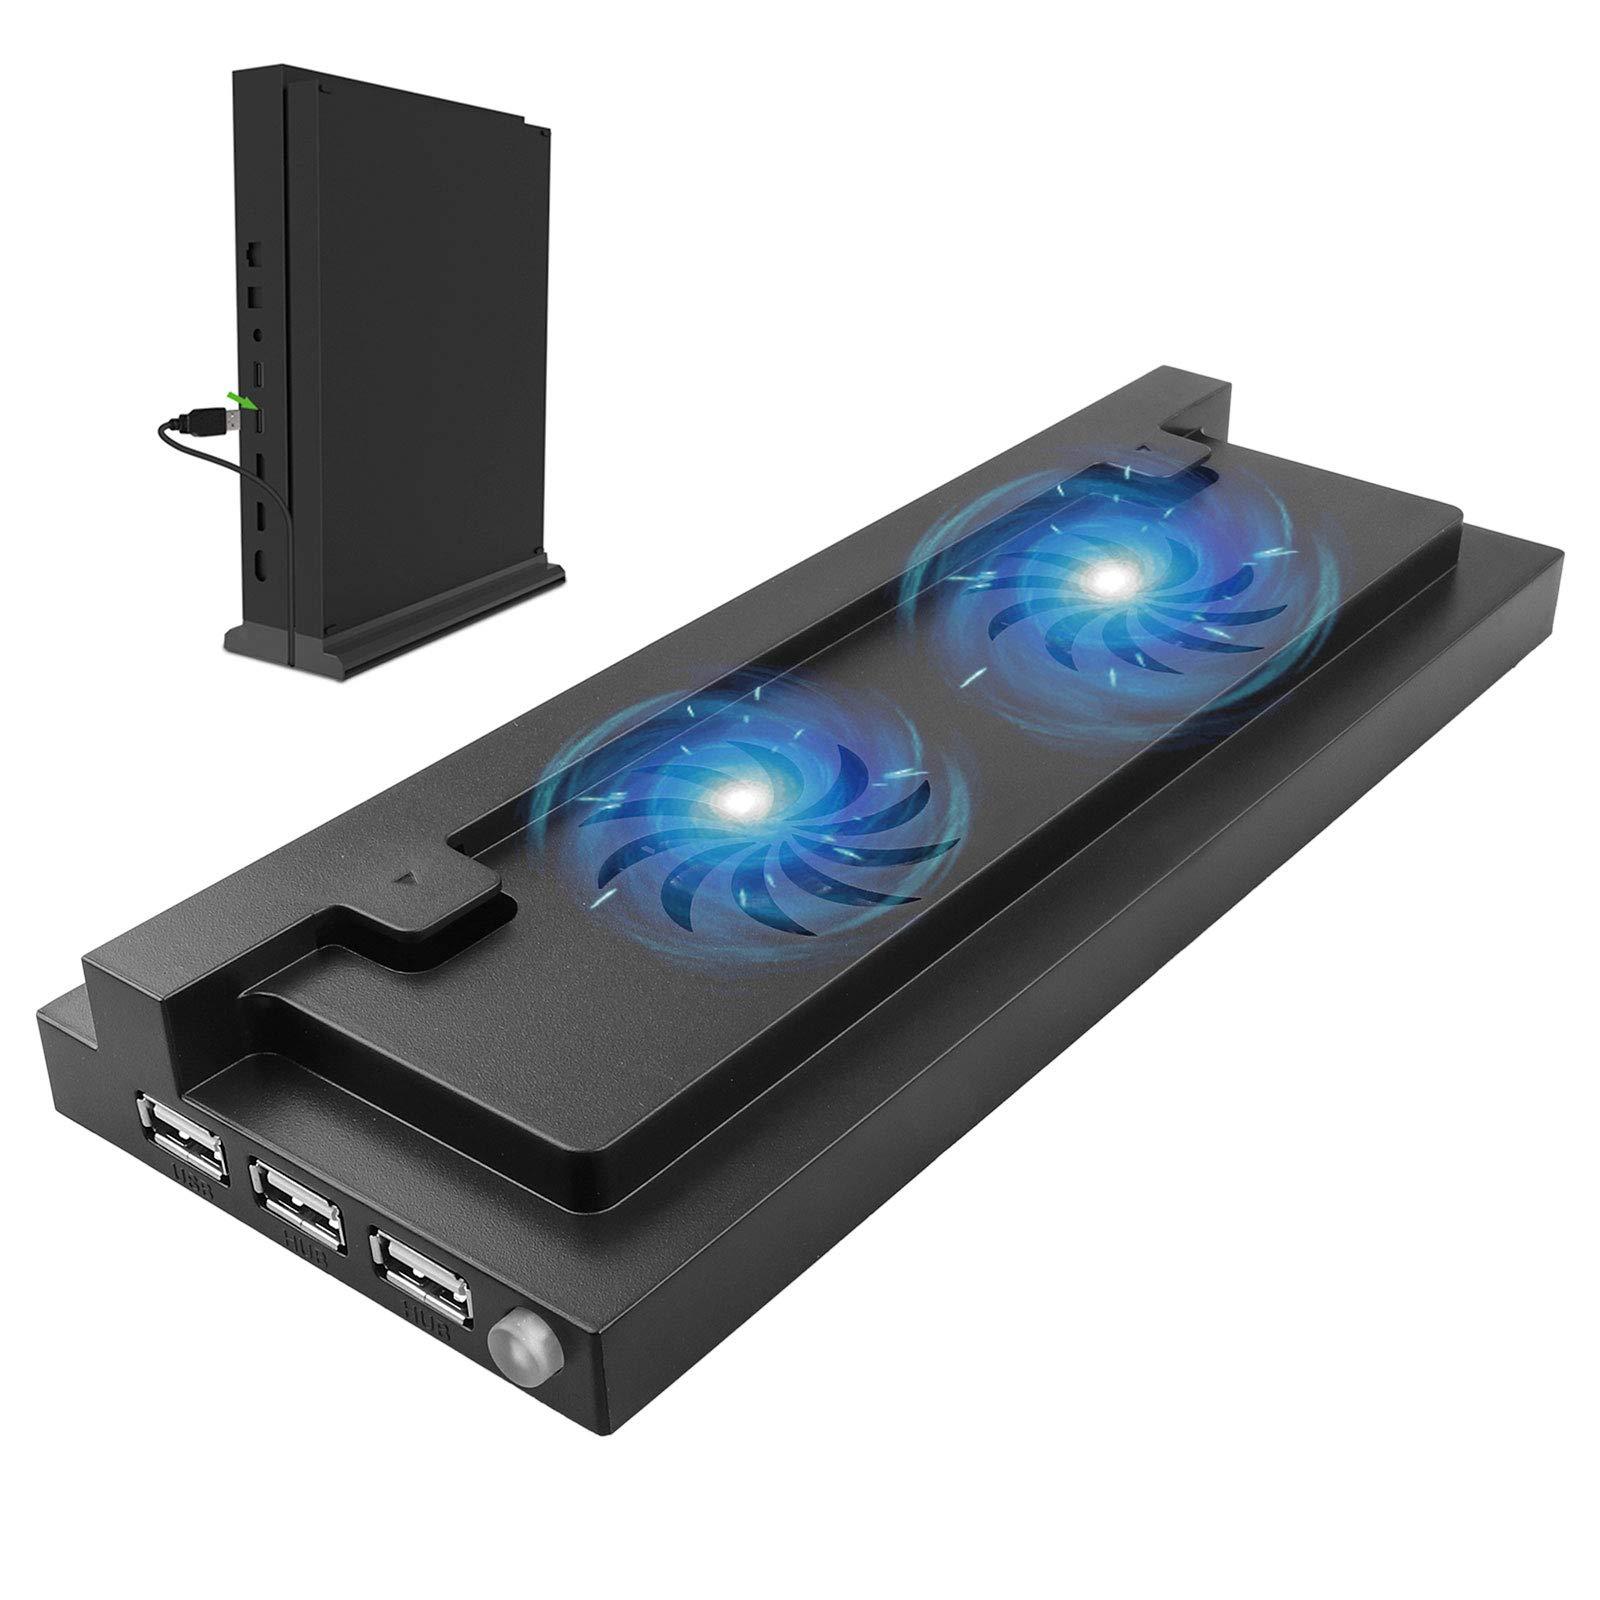 EEEKit USB Dual Cooling Fan Cooler Soporte Vertical Puerto USB Externo para la Consola de Xbox One S Protección contra sobrecalentamiento para Juegos: Amazon.es: Electrónica